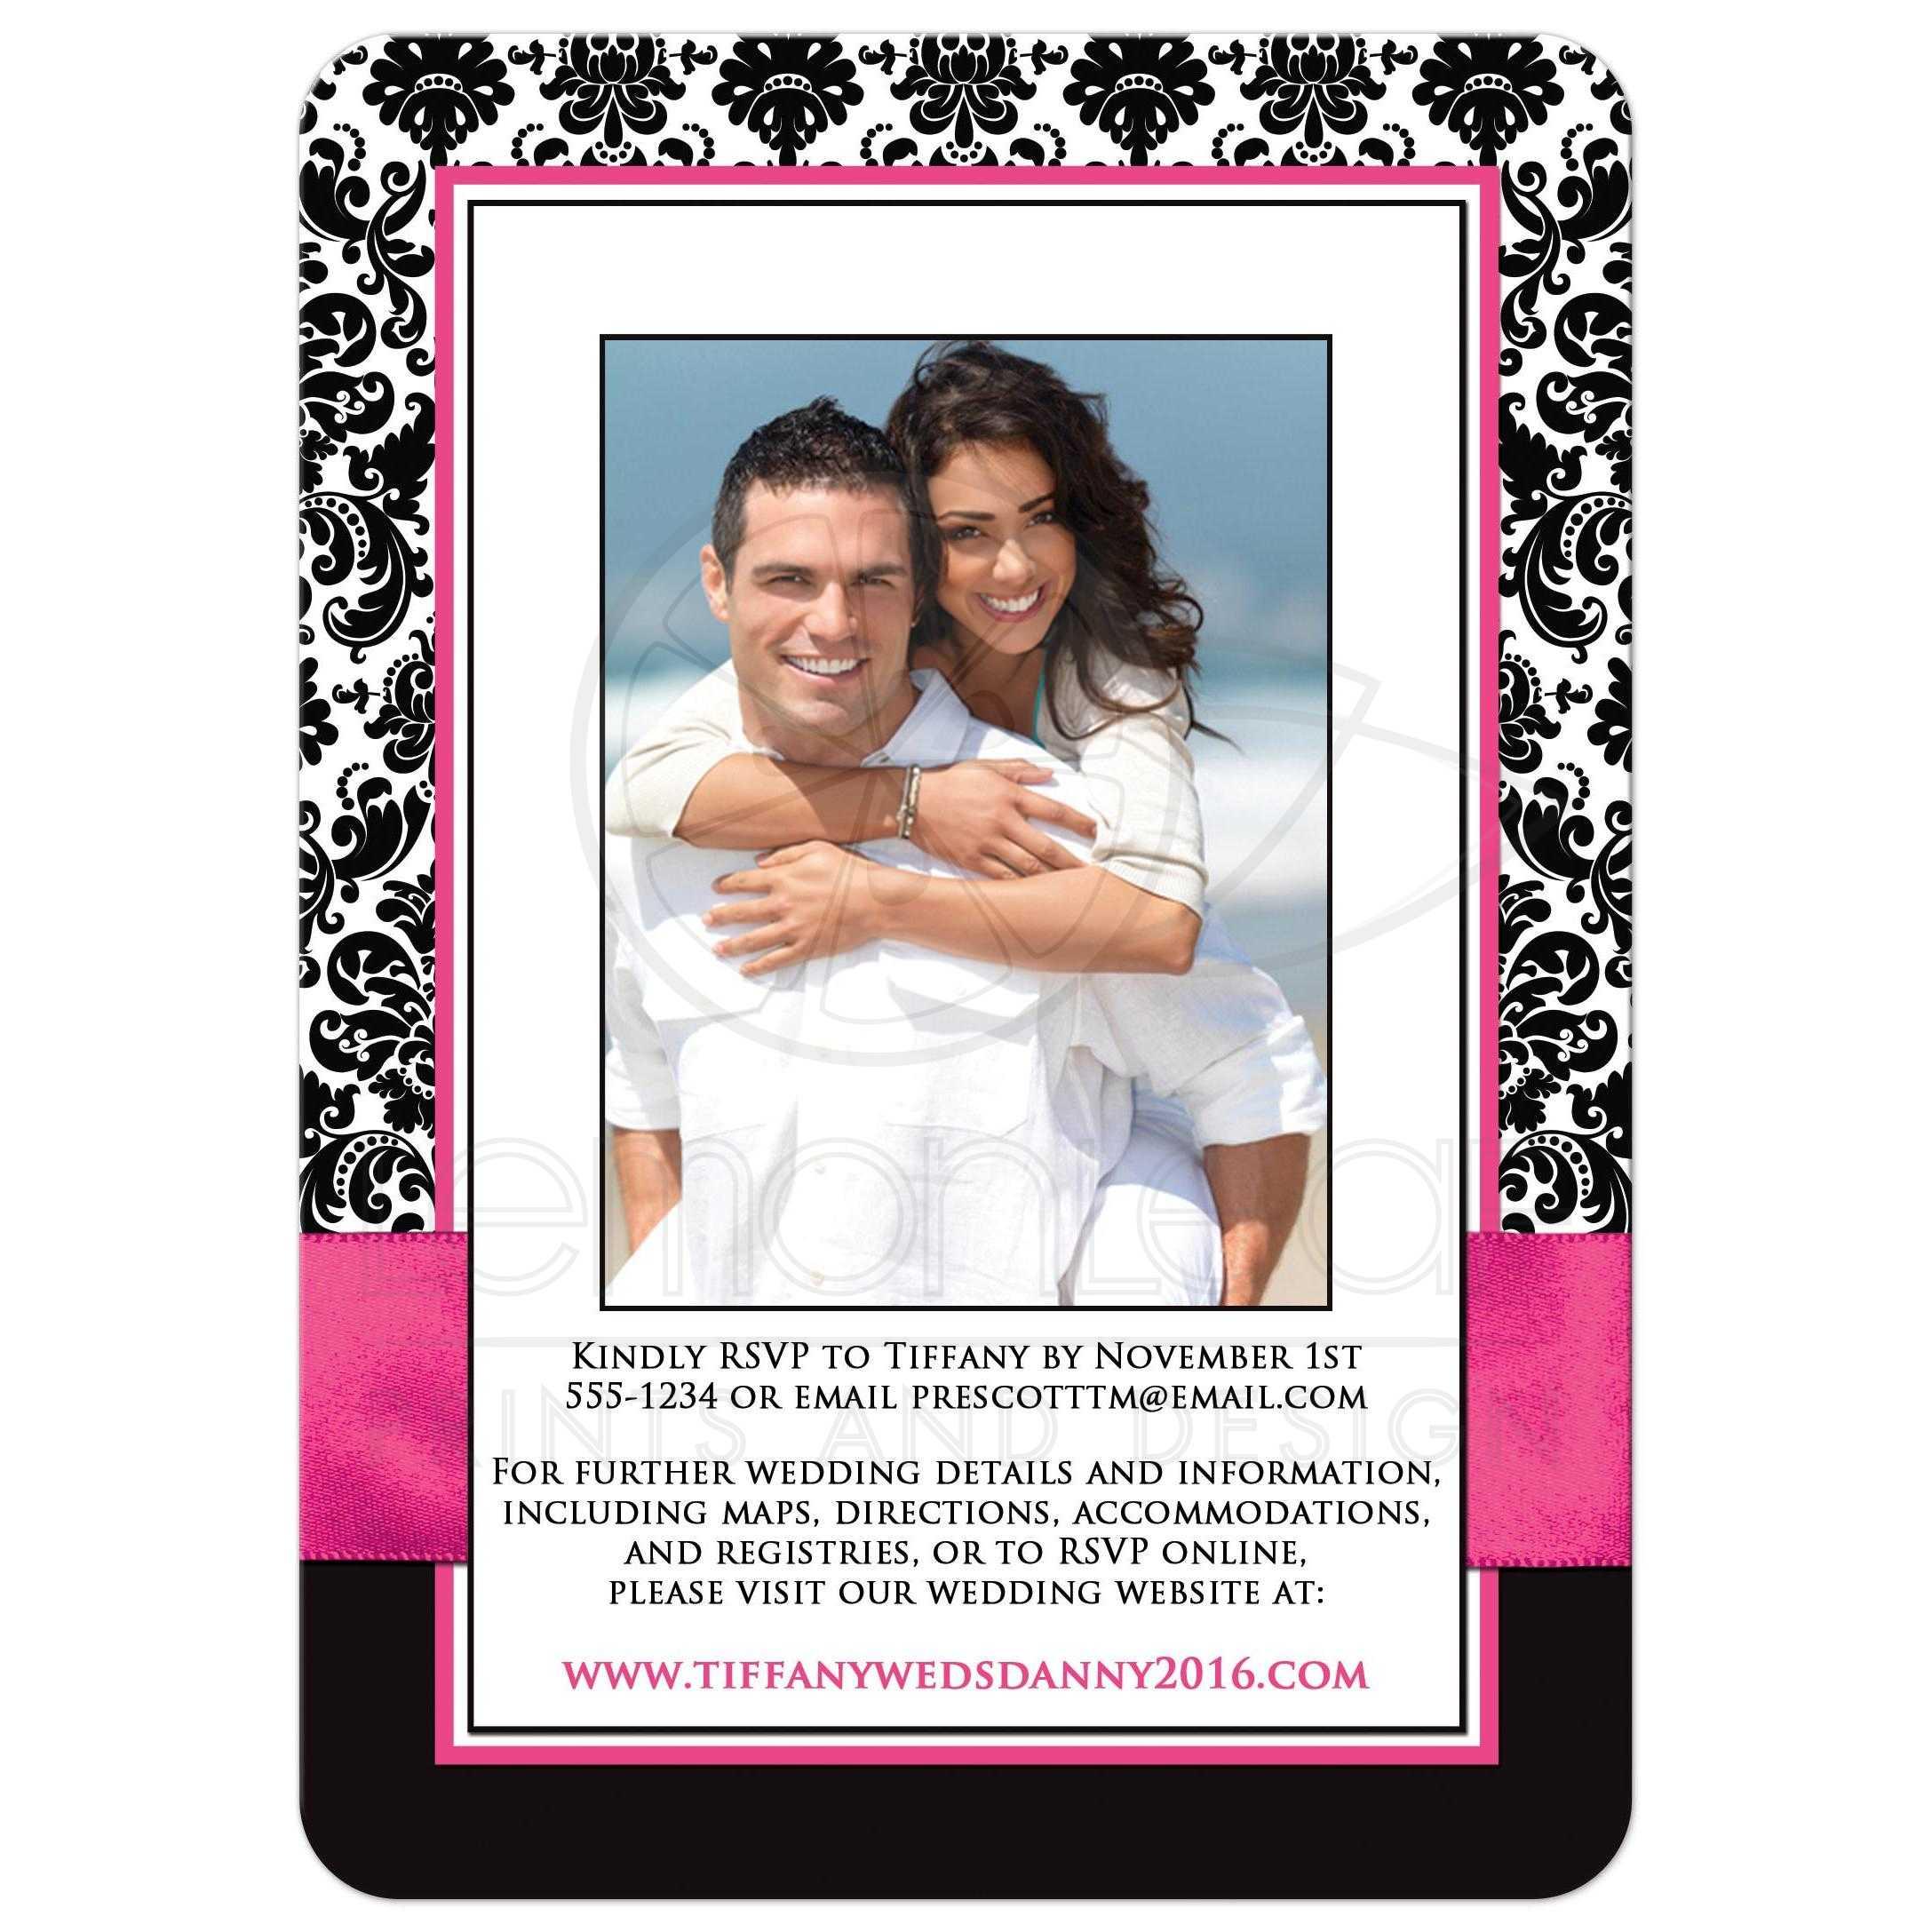 Wedding Invitation PHOTO Optional – Black and White Damask Wedding Invitations